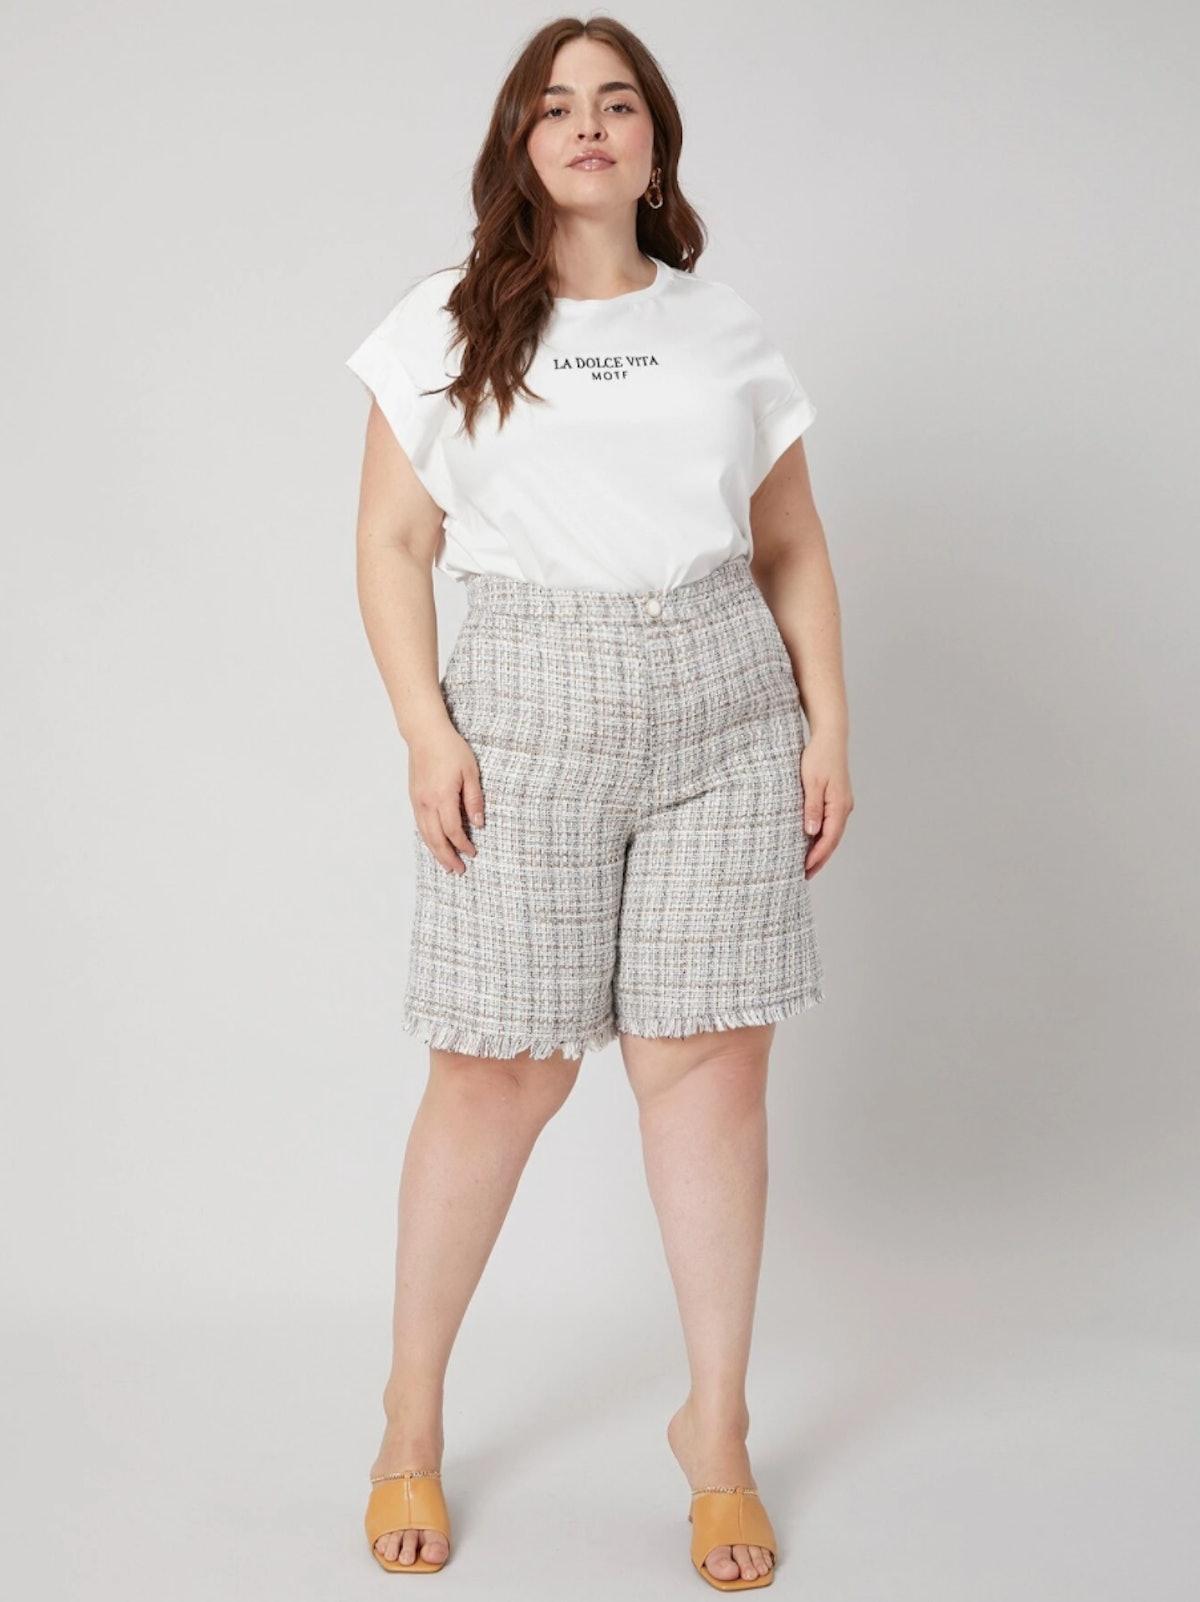 MOTF Premium Plus Tweed Bermuda Shorts